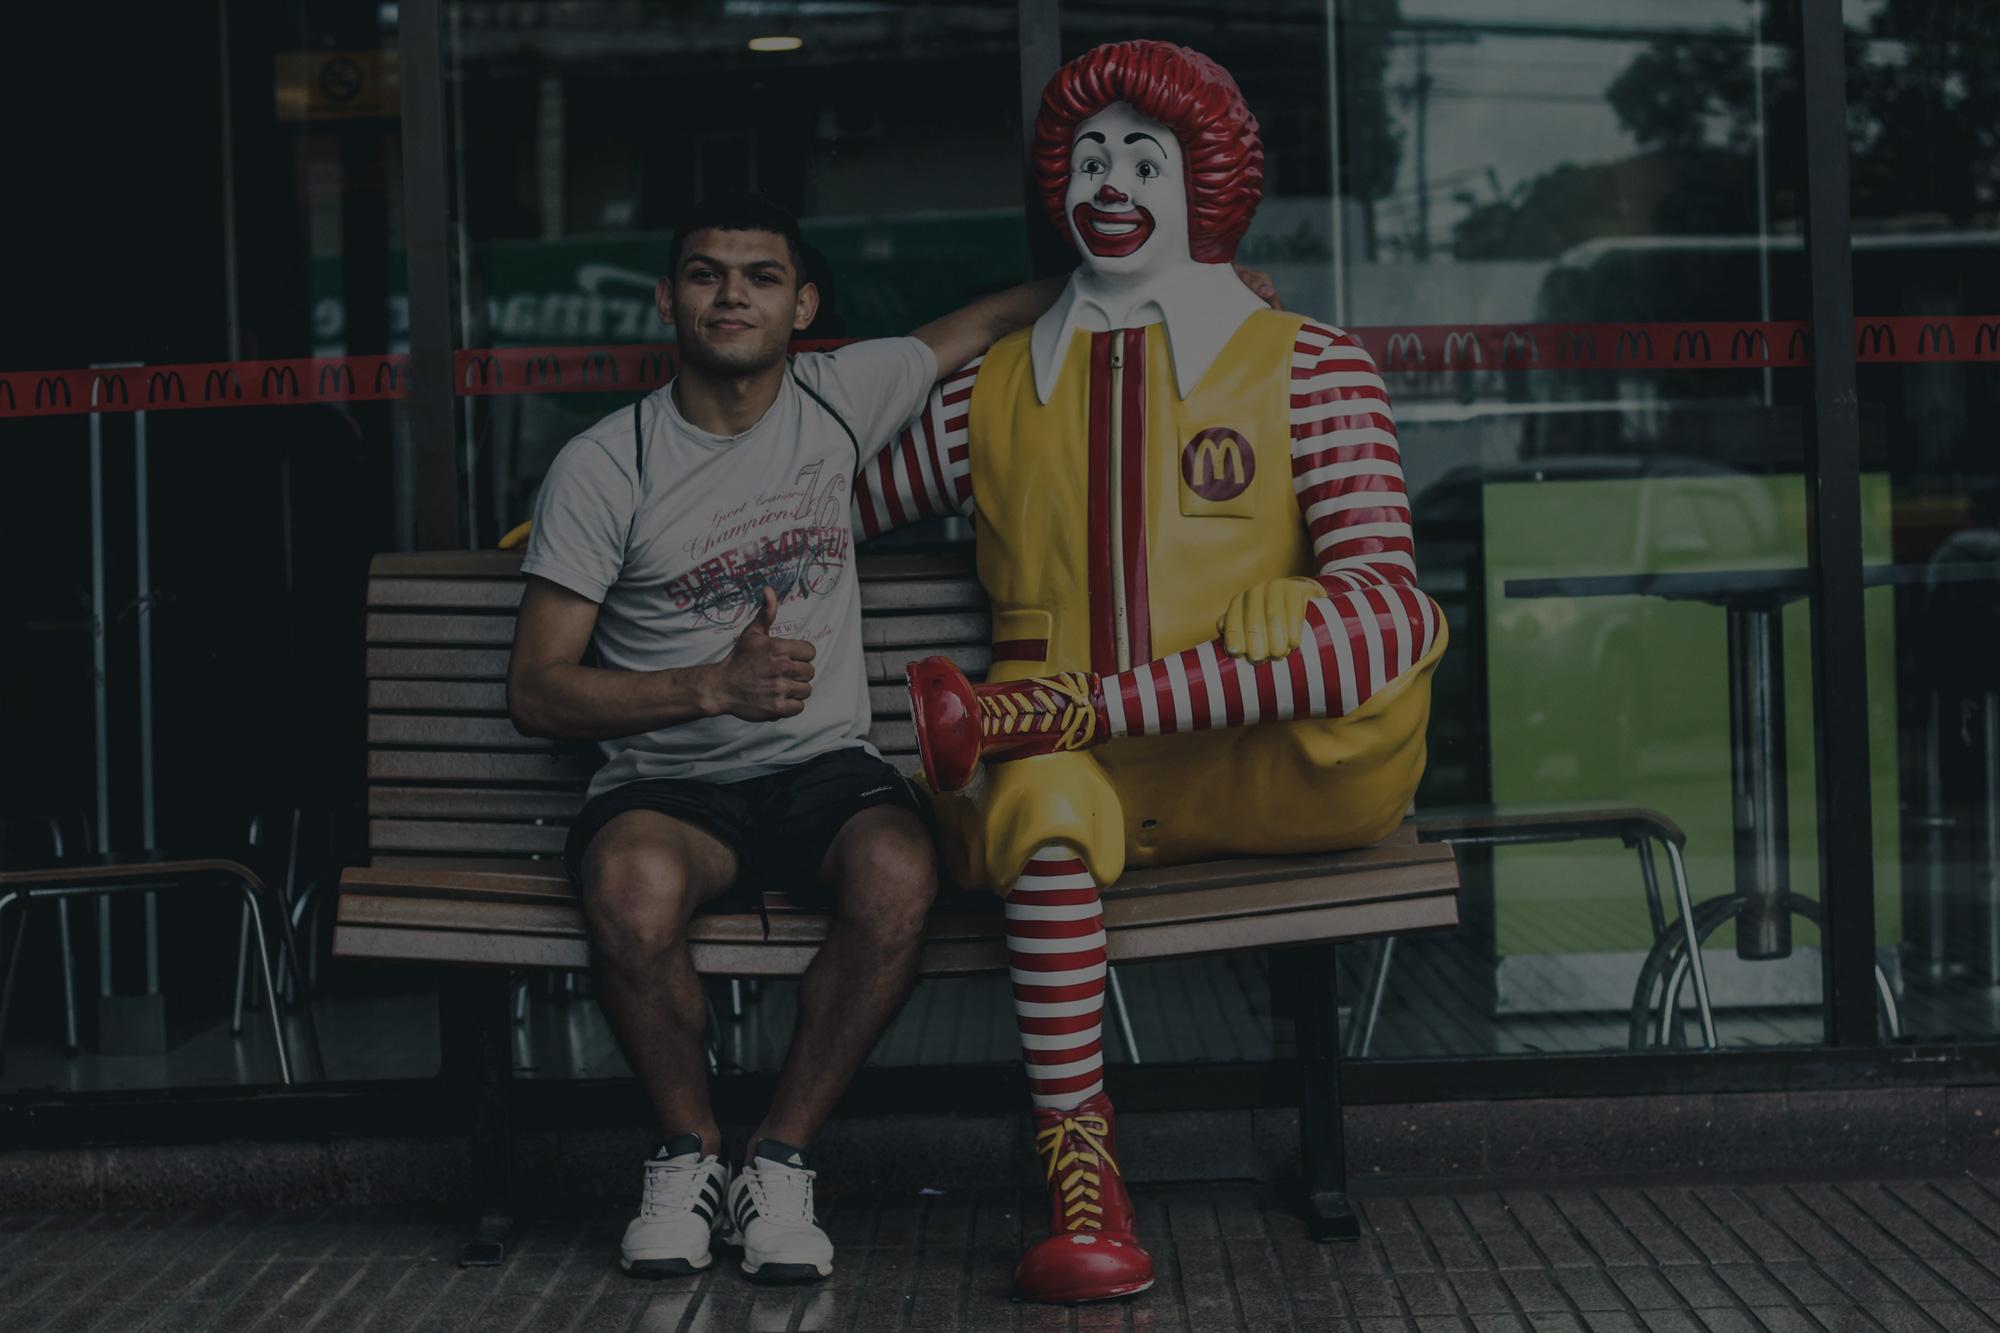 Nueva campaña del BigMac por su 50 cumpleaños